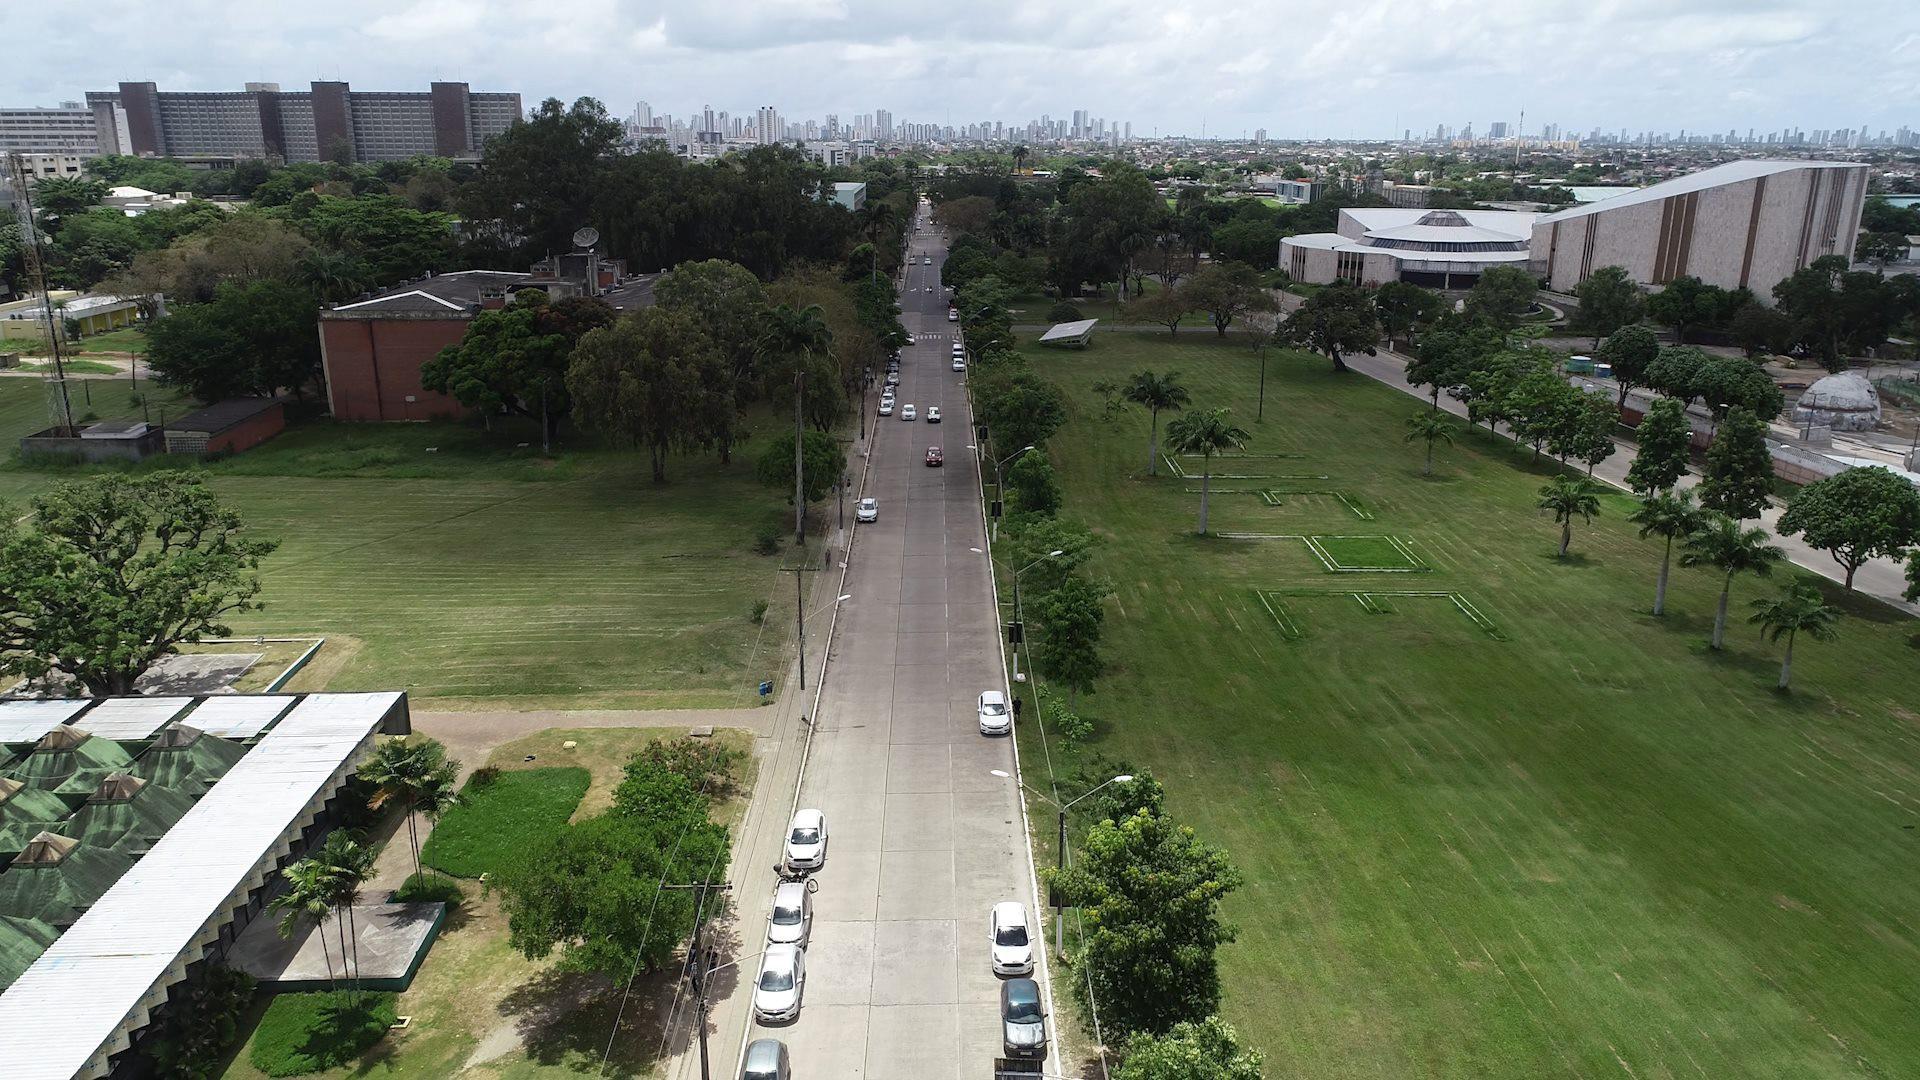 Cursos mais concorridos da UFPE em 2020 foram Medicina nos campi de Recife e Caruaru, além de Engenharia da Computação, também na capital; veja notas de corte do Sisu do último ano (Foto: Divulgação/UFPE)